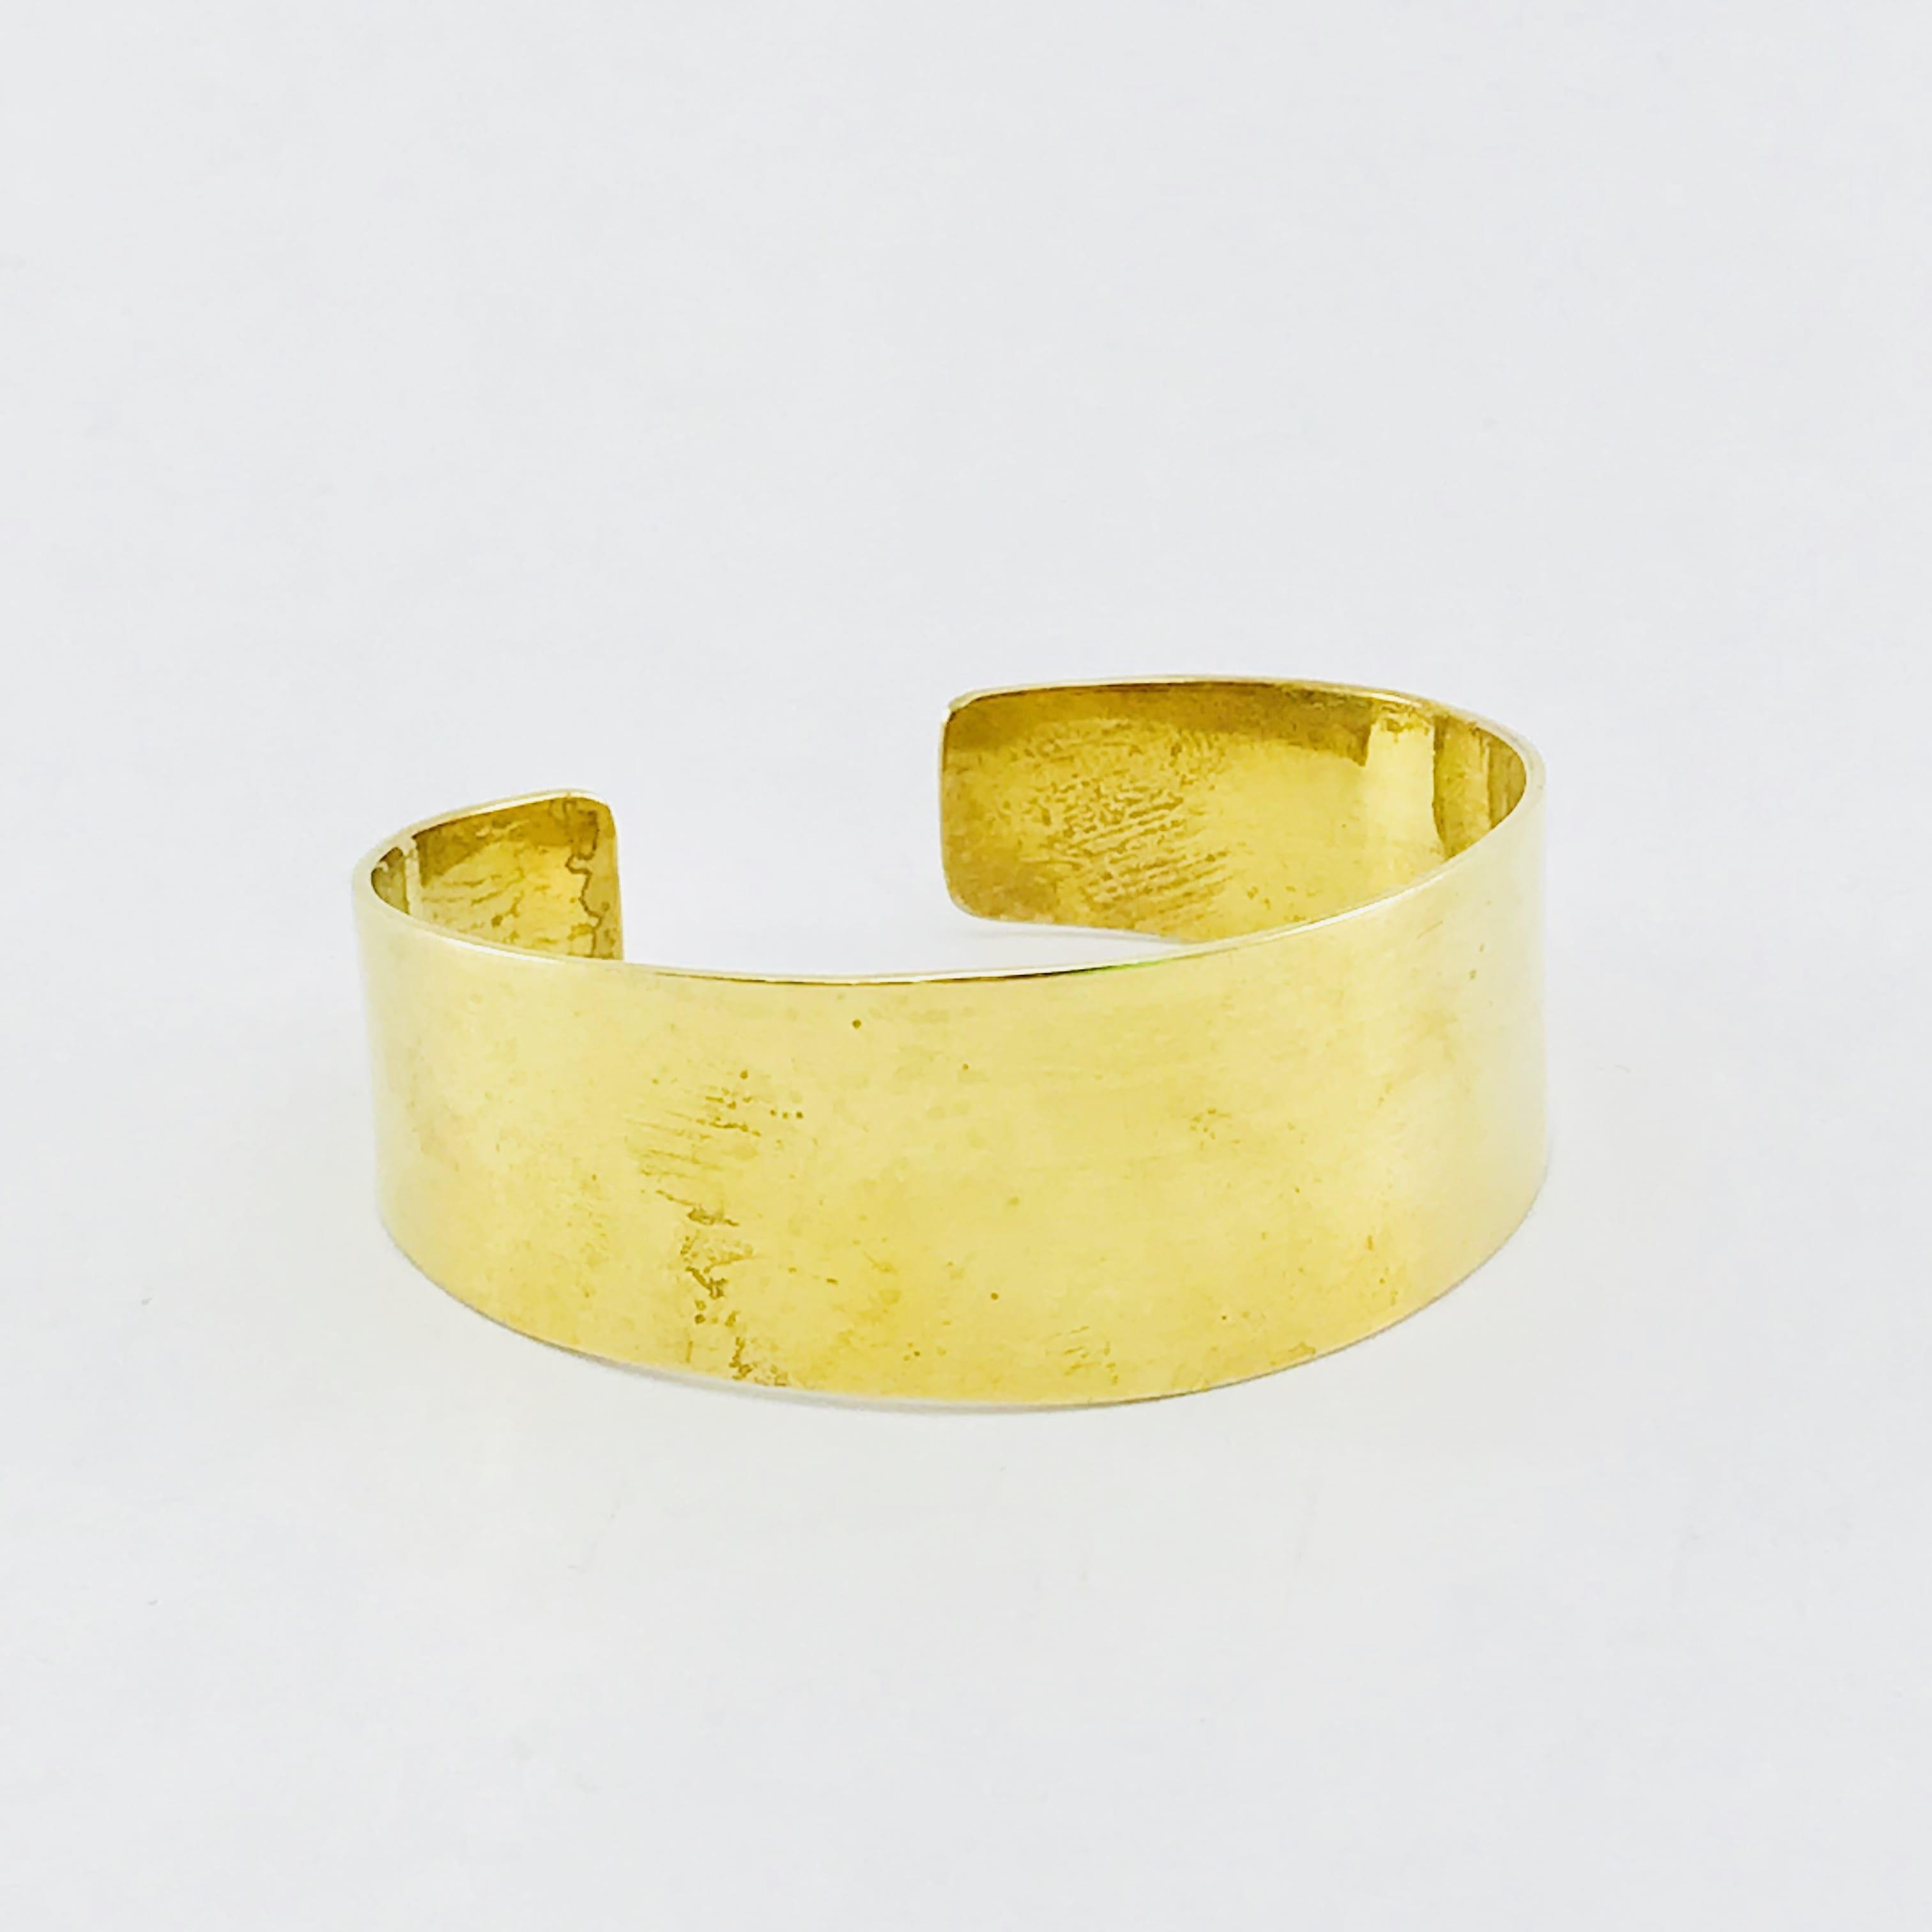 Le Bracelet uni - laiton recyclé